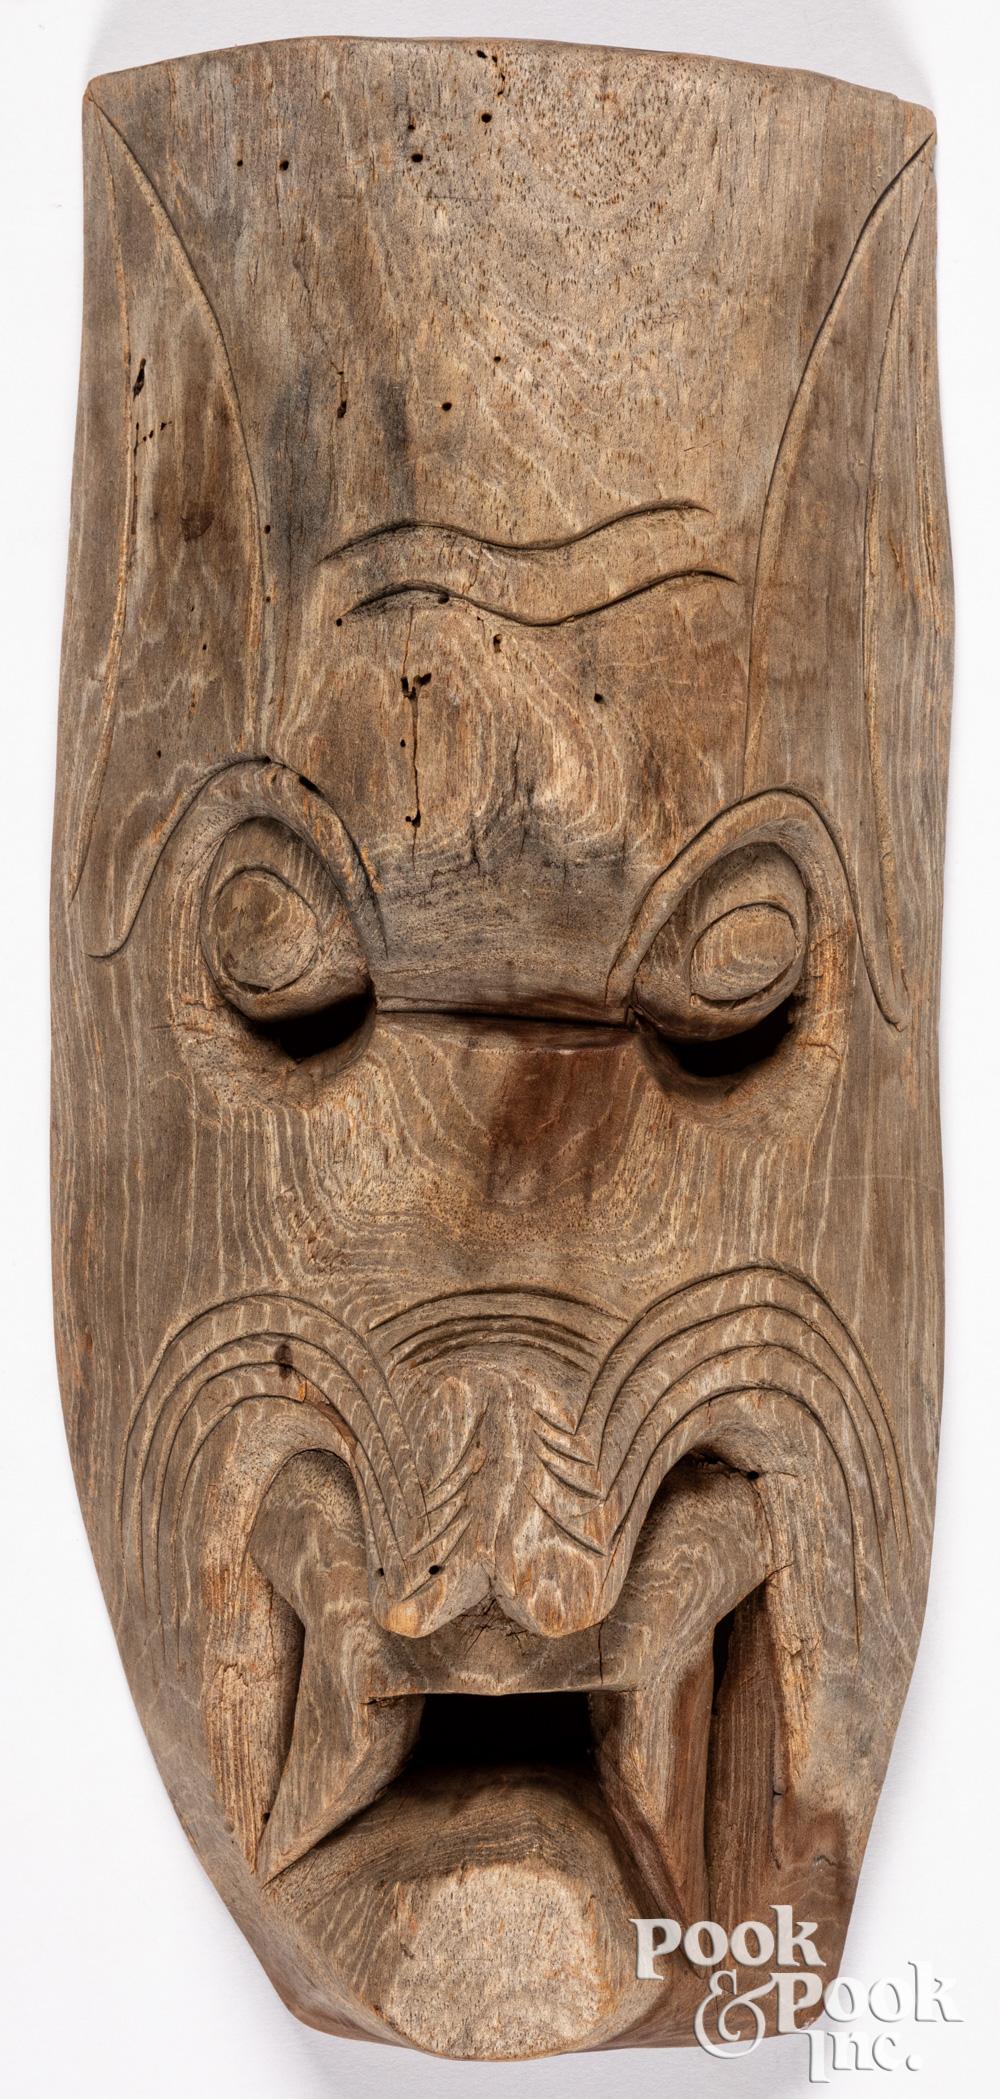 Northwest Coast Indian carved cedar mask